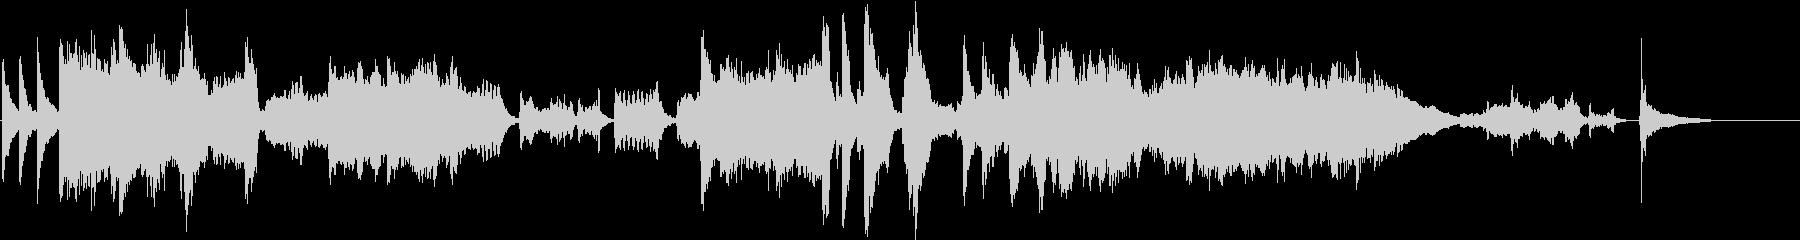 ツィゴイネルワイゼン/バイオリン生演奏の未再生の波形